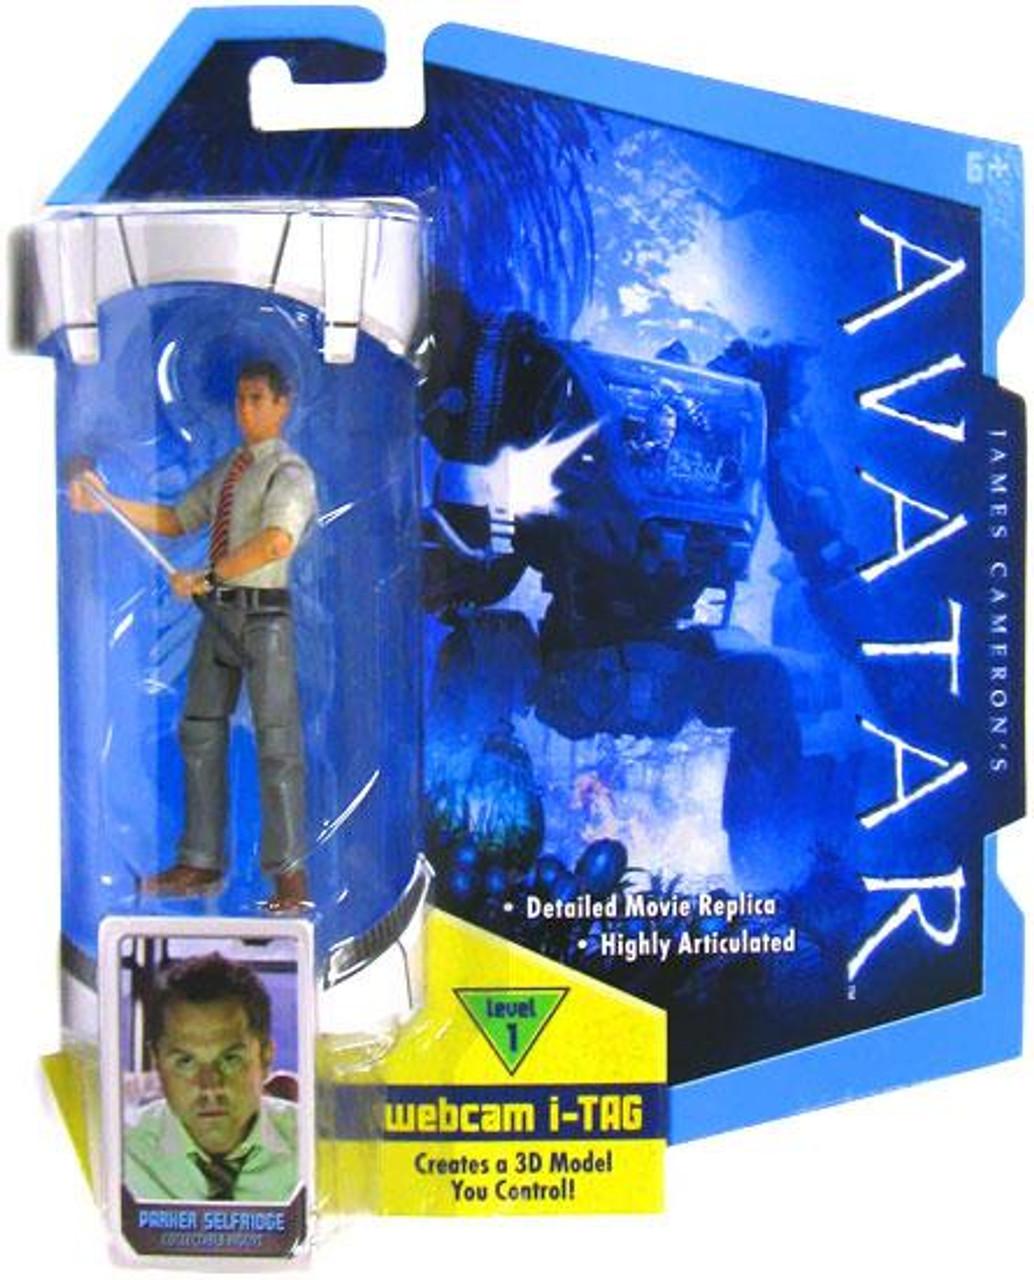 James Cameron's Avatar Parker Selfridge Action Figure